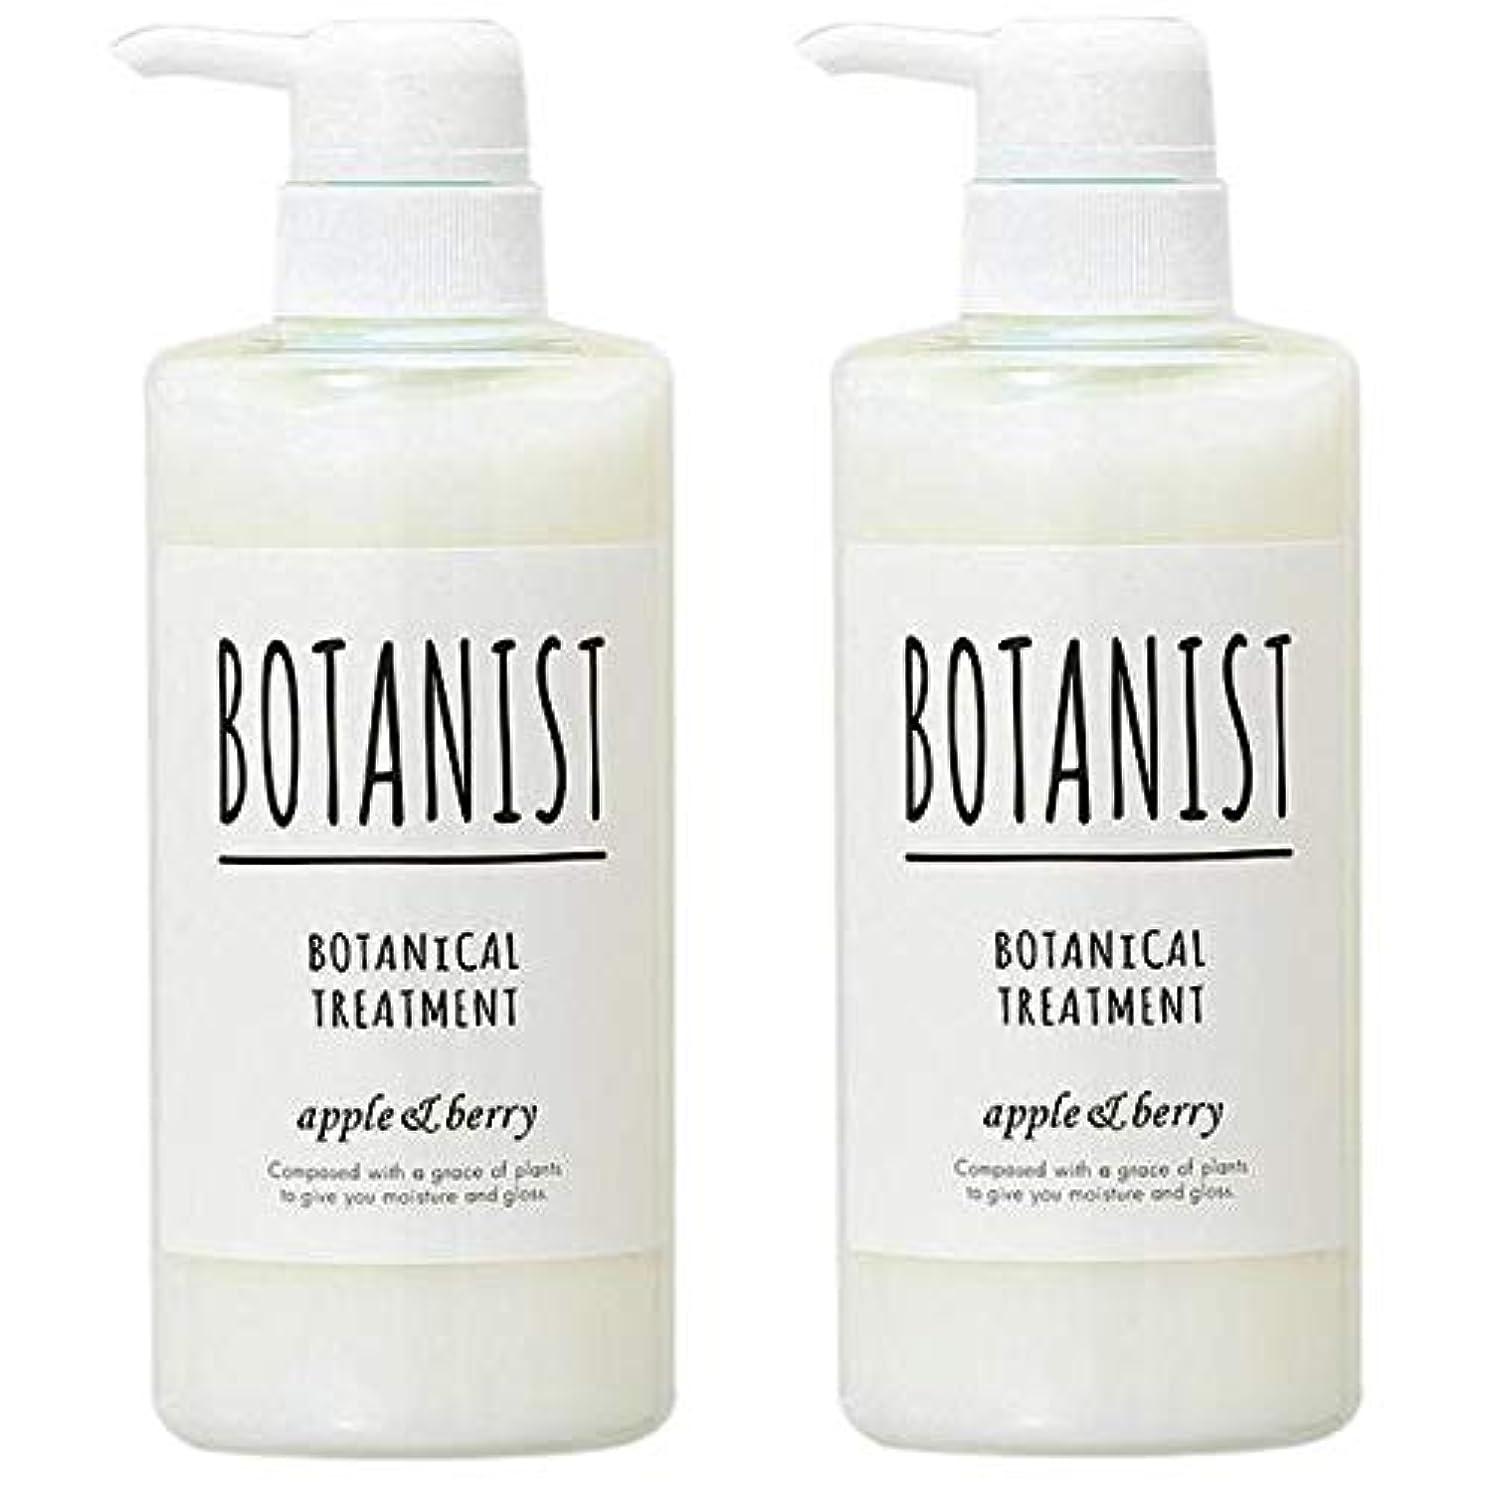 衰える流星運命ボタニスト BOTANIST ボタニカルトリートメント スムース アップル&ベリー 490g 【2個セット】